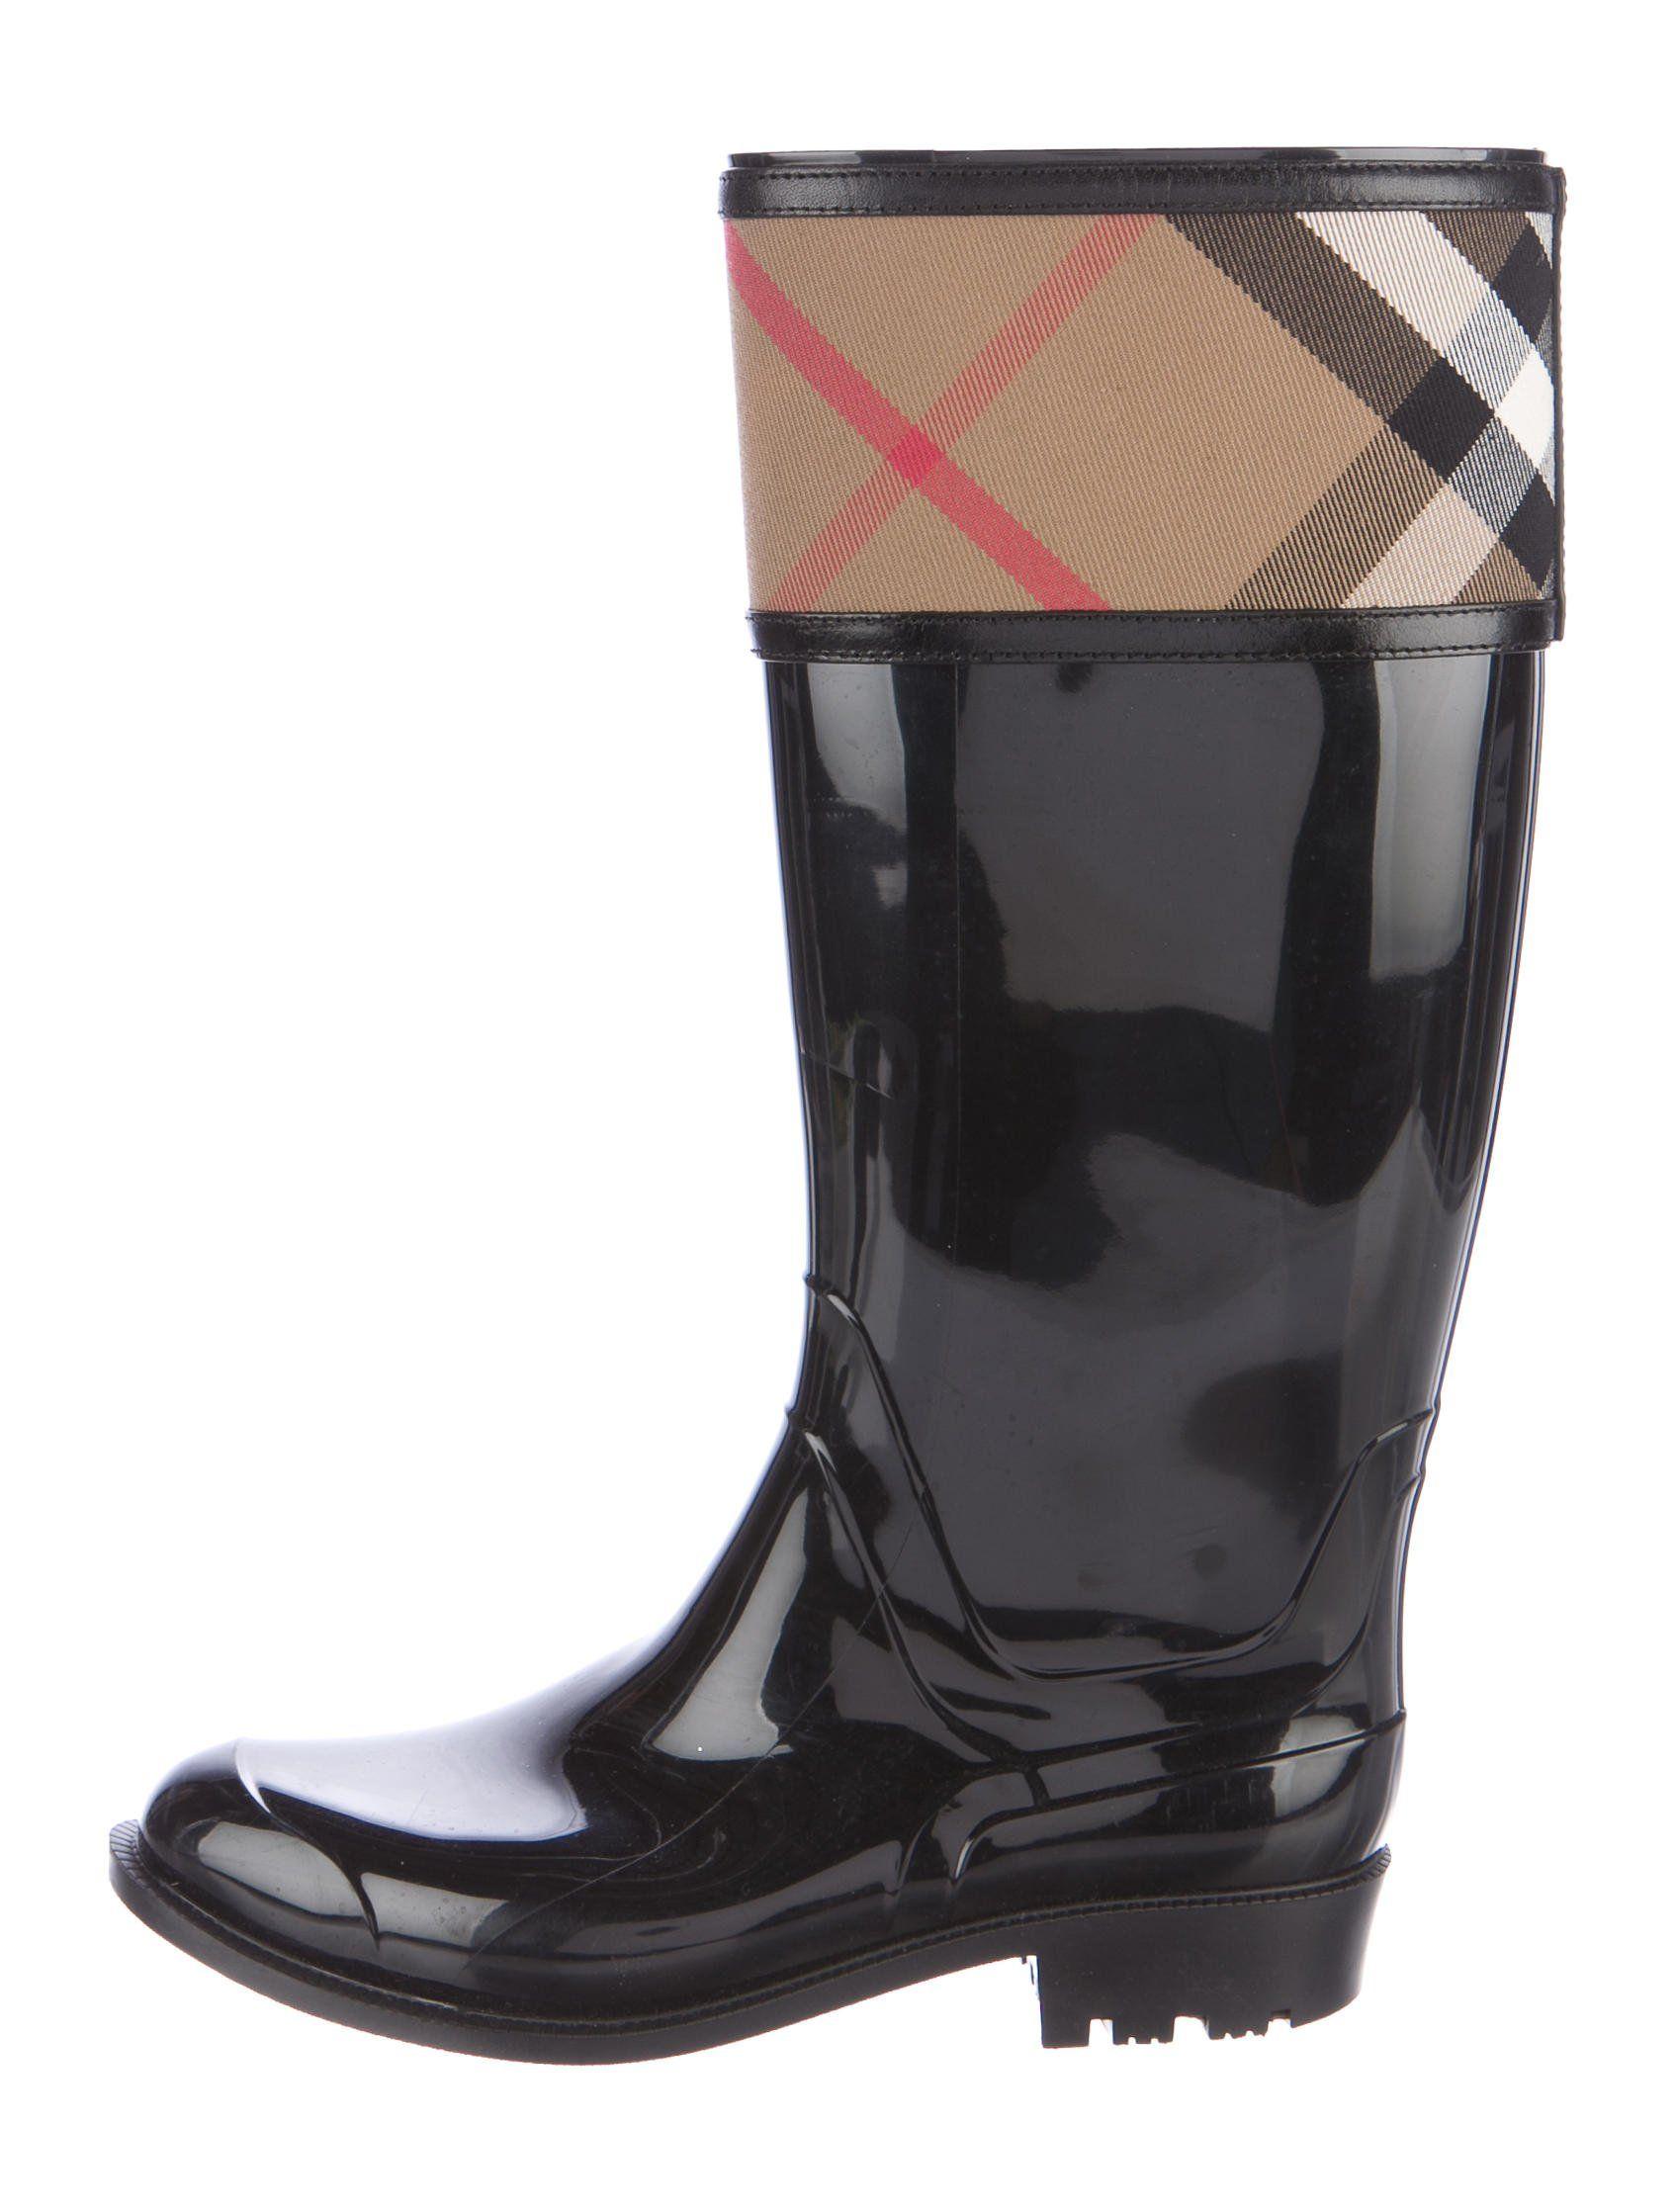 3e30cba9e9d2 Burberry Crosshill House Check Rain ... Rain Boots